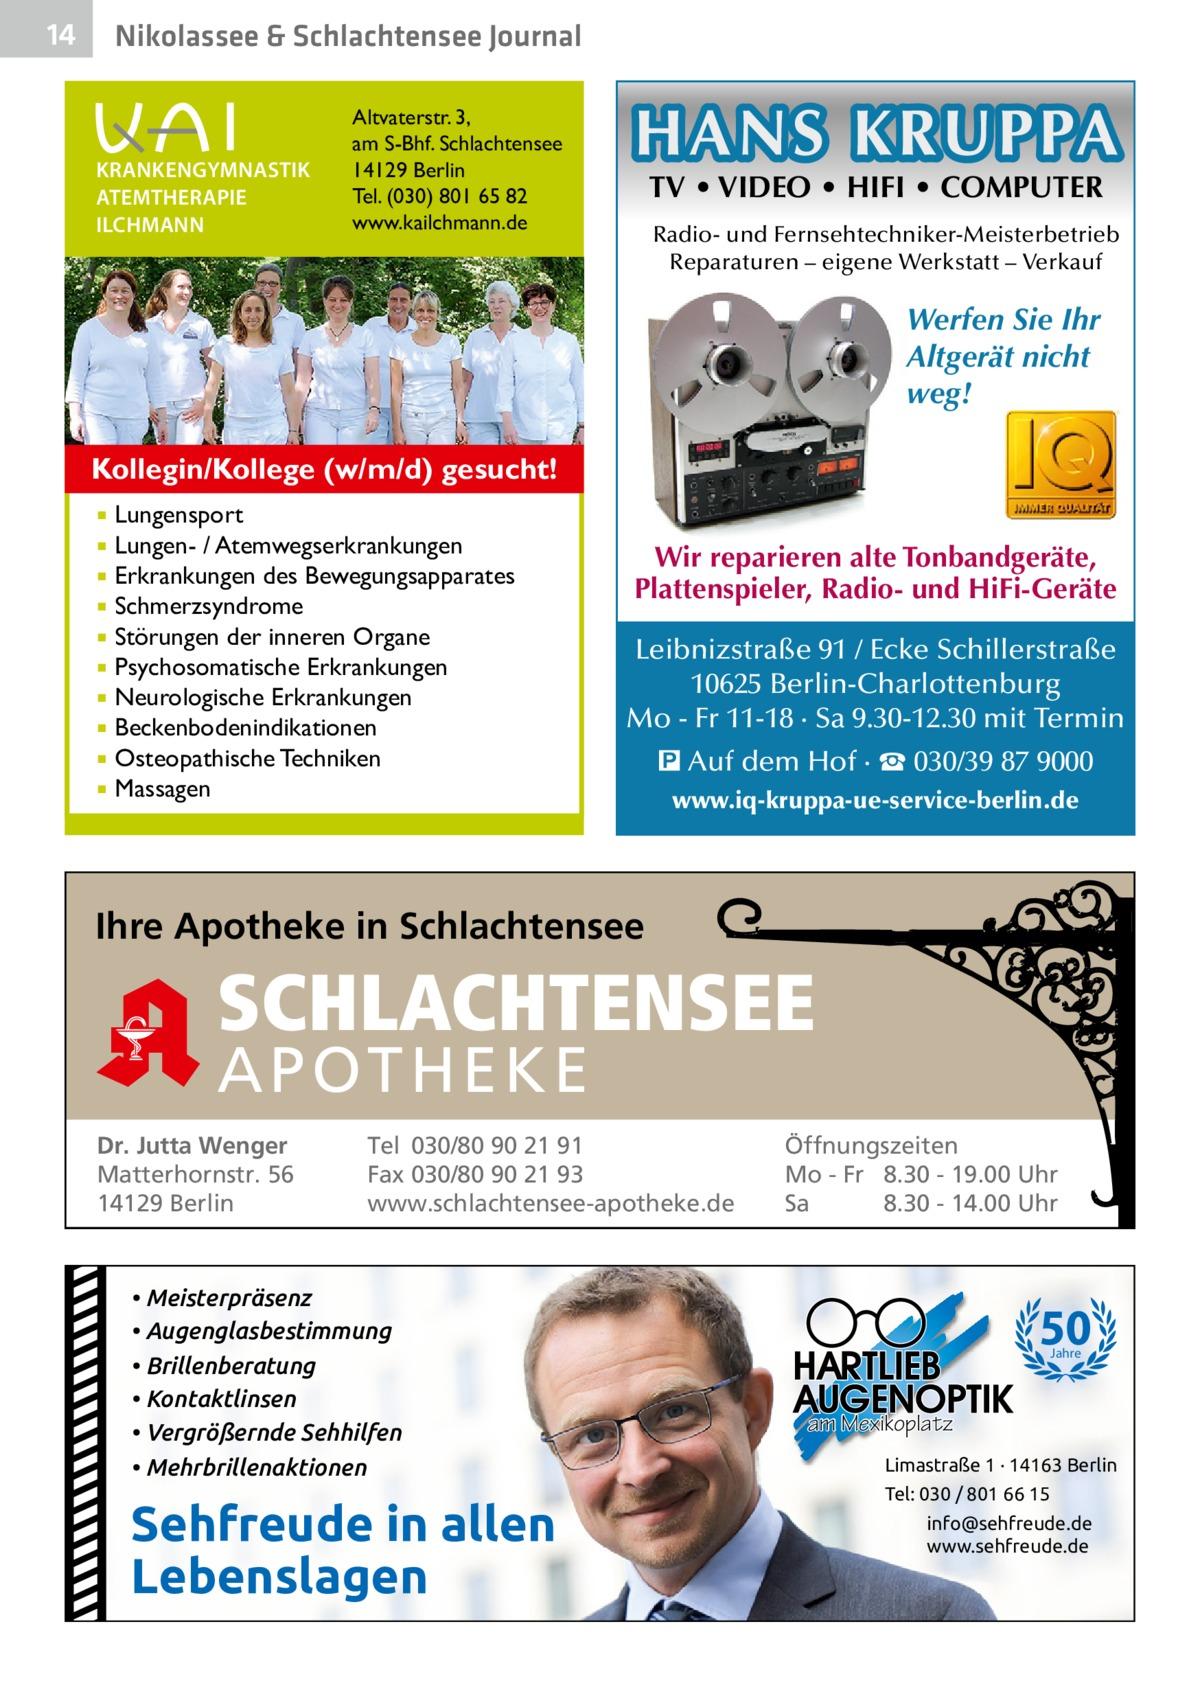 14  Gesundheit& Schlachtensee Journal Nikolassee  KRANKENGYMNASTIK ATEMTHERAPIE ILCHMANN  Altvaterstr. 3, am S-Bhf. Schlachtensee 14129 Berlin Tel. (030) 801 65 82 www.kailchmann.de  HANS KRUPPA TV • VIDEO • HIFI • COMPUTER  Radio- und Fernsehtechniker-Meisterbetrieb Reparaturen – eigene Werkstatt – Verkauf  Werfen Sie Ihr Altgerät nicht weg! Kollegin/Kollege (w/m/d) gesucht! Lungensport Lungen- / Atemwegserkrankungen  Erkrankungen des Bewegungsapparates  Schmerzsyndrome  Störungen der inneren Organe  Psychosomatische Erkrankungen  Neurologische Erkrankungen  Beckenbodenindikationen  Osteopathische Techniken  Massagen    Wir reparieren alte Tonbandgeräte, Plattenspieler, Radio- und HiFi-Geräte Leibnizstraße 91 / Ecke Schillerstraße 10625 Berlin-Charlottenburg Mo - Fr 11-18 · Sa 9.30-12.30 mit Termin � Auf dem Hof · ☎ 030/39 87 9000 www.iq-kruppa-ue-service-berlin.de  Ihre Apotheke in Schlachtensee  SCHLACHTENSEE APO THEKE Dr. Jutta Wenger Matterhornstr. 56 14129 Berlin  Tel 030/80 90 21 91 Fax 030/80 90 21 93 www.schlachtensee-apotheke.de  • Meisterpräsenz • Augenglasbestimmung • Brillenberatung • Kontaktlinsen • Vergrößernde Sehhilfen • Mehrbrillenaktionen  Sehfreude in allen Lebenslagen  Öffnungszeiten Mo - Fr 8.30 - 19.00 Uhr Sa 8.30 - 14.00 Uhr  50 Jahre  am Mexikoplatz Limastraße 1 · 14163 Berlin Tel: 030 / 801 66 15 info@sehfreude.de www.sehfreude.de